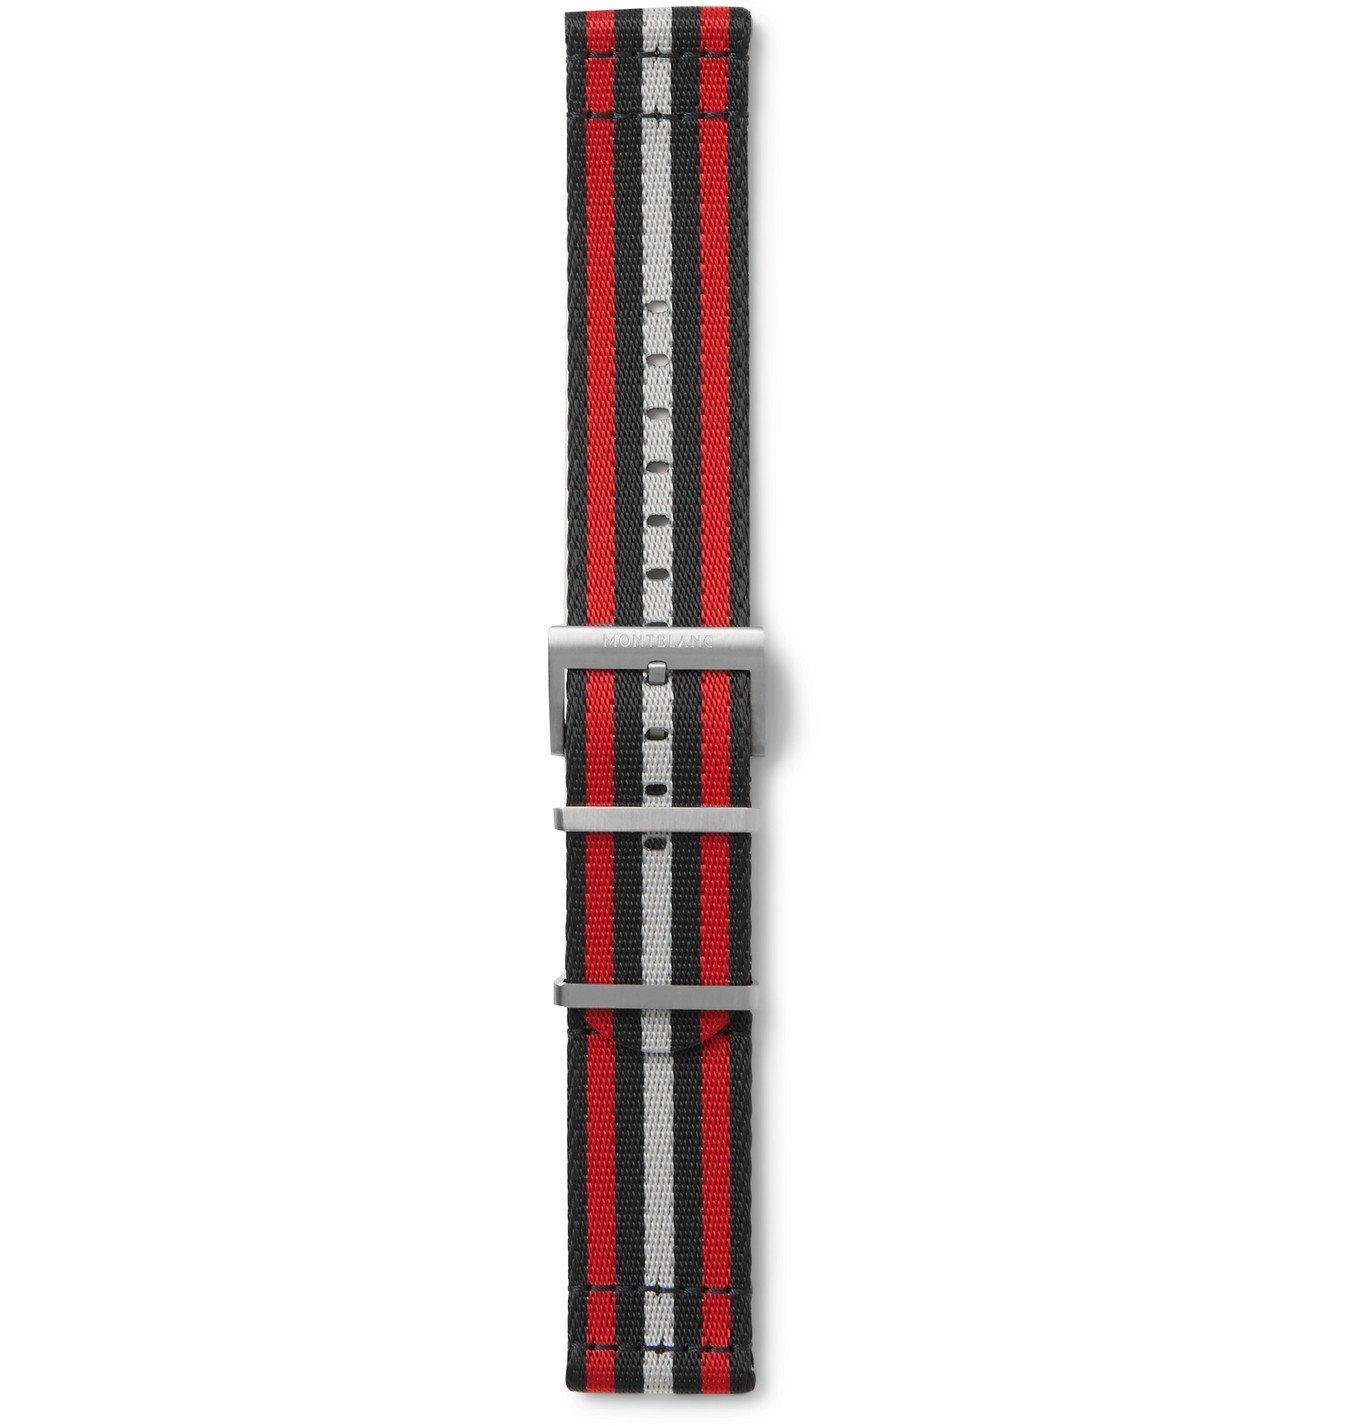 Photo: MONTBLANC - Summit 2 Striped Nylon Watch Strap - Red